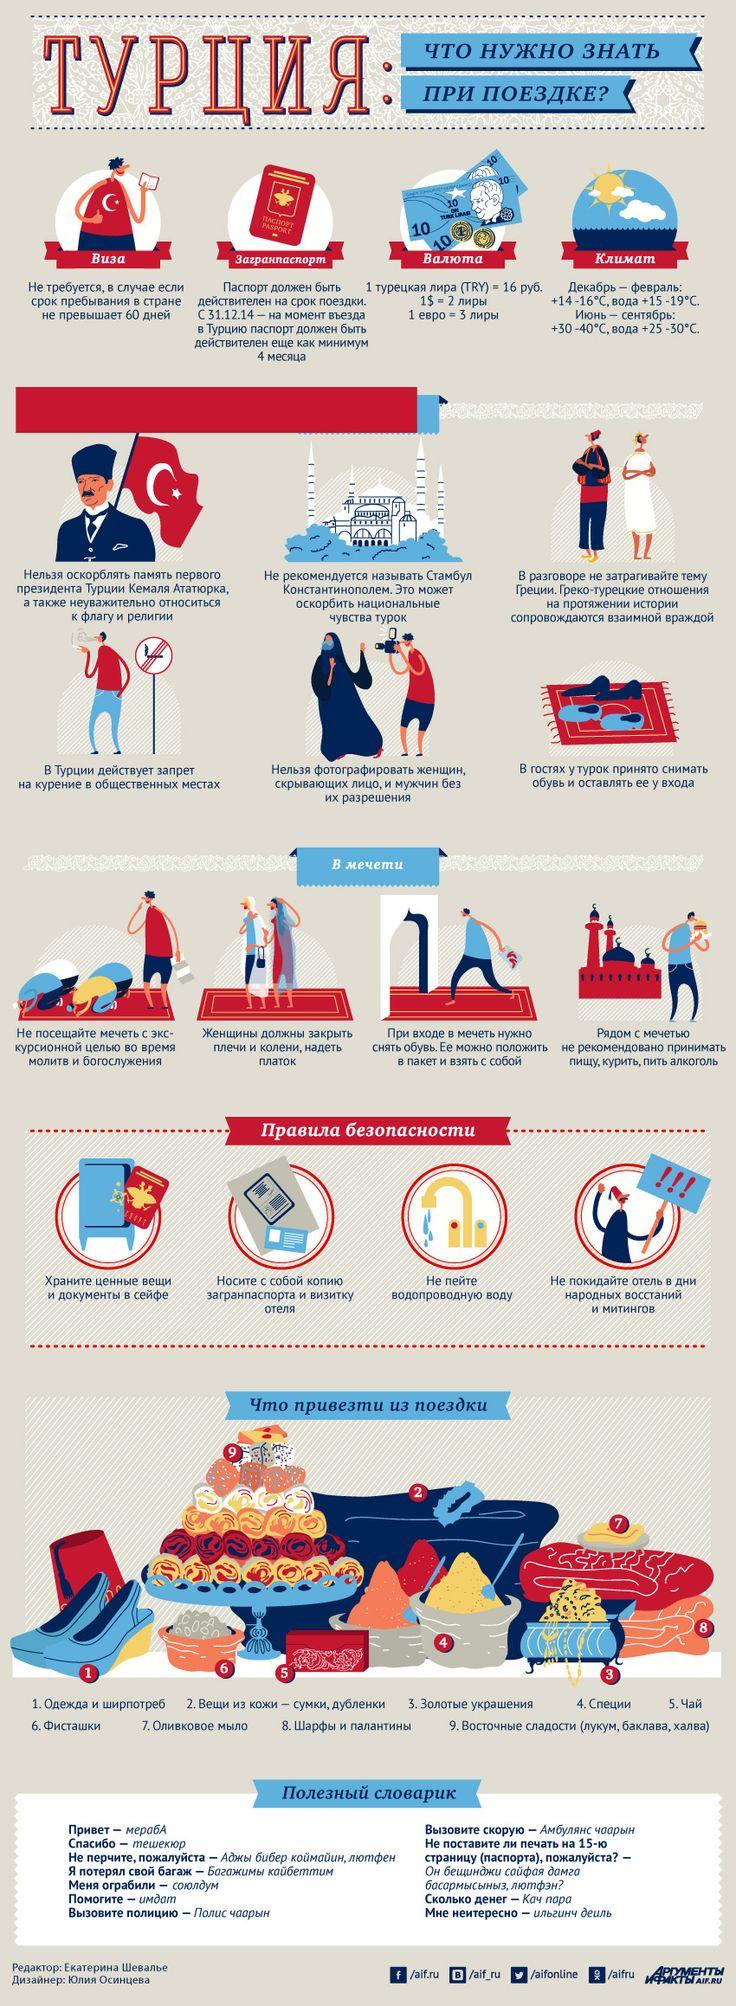 Что нужно знать при поездке в Турцию? Инфографика | Инфографика | Аргументы и…